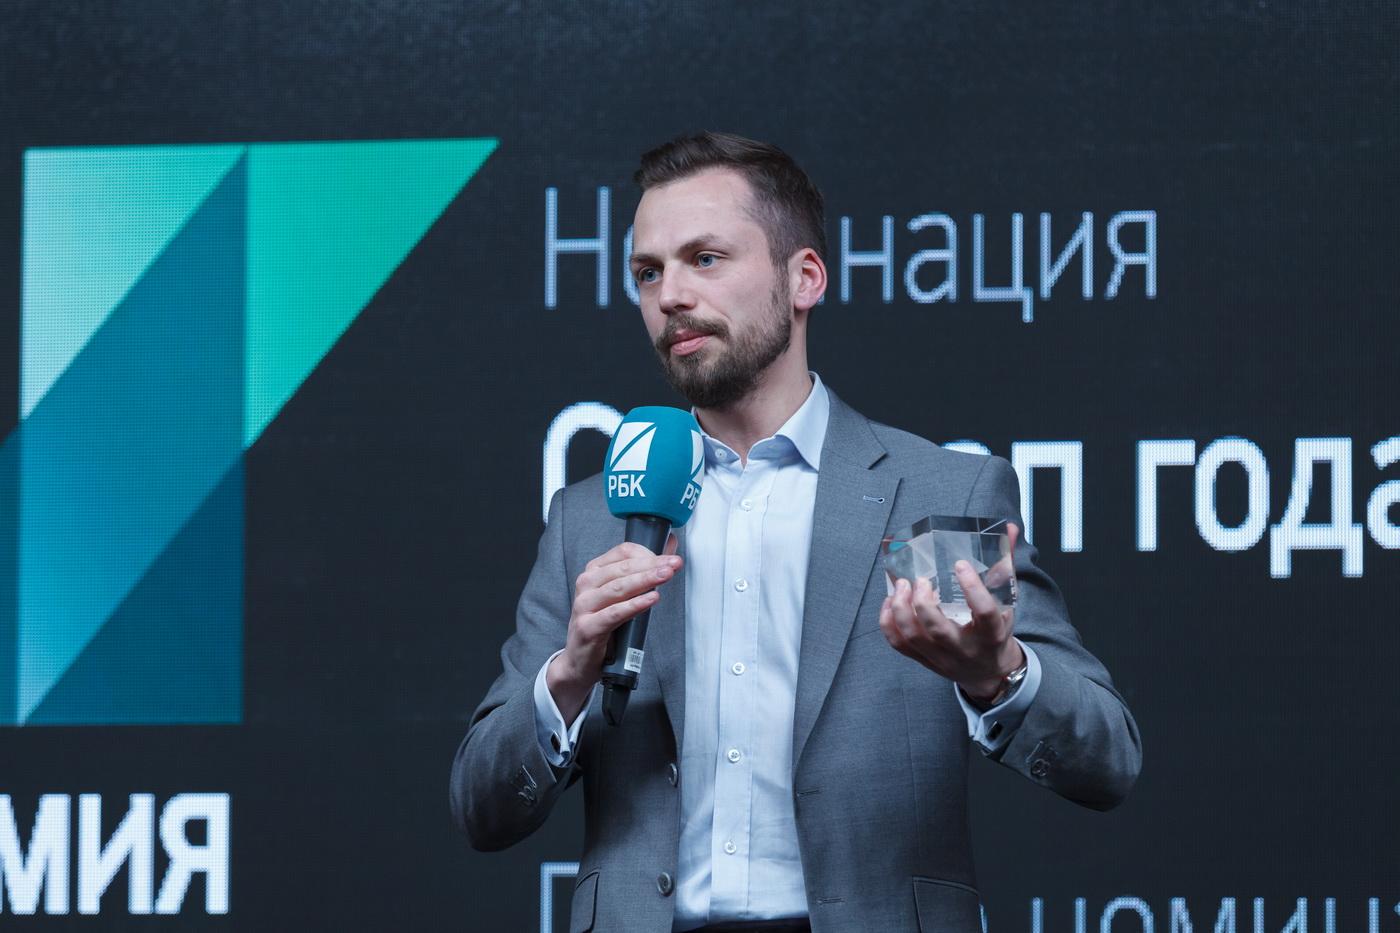 Михаил Перегудов на церемонии вручения Премии РБК Петербург 2016